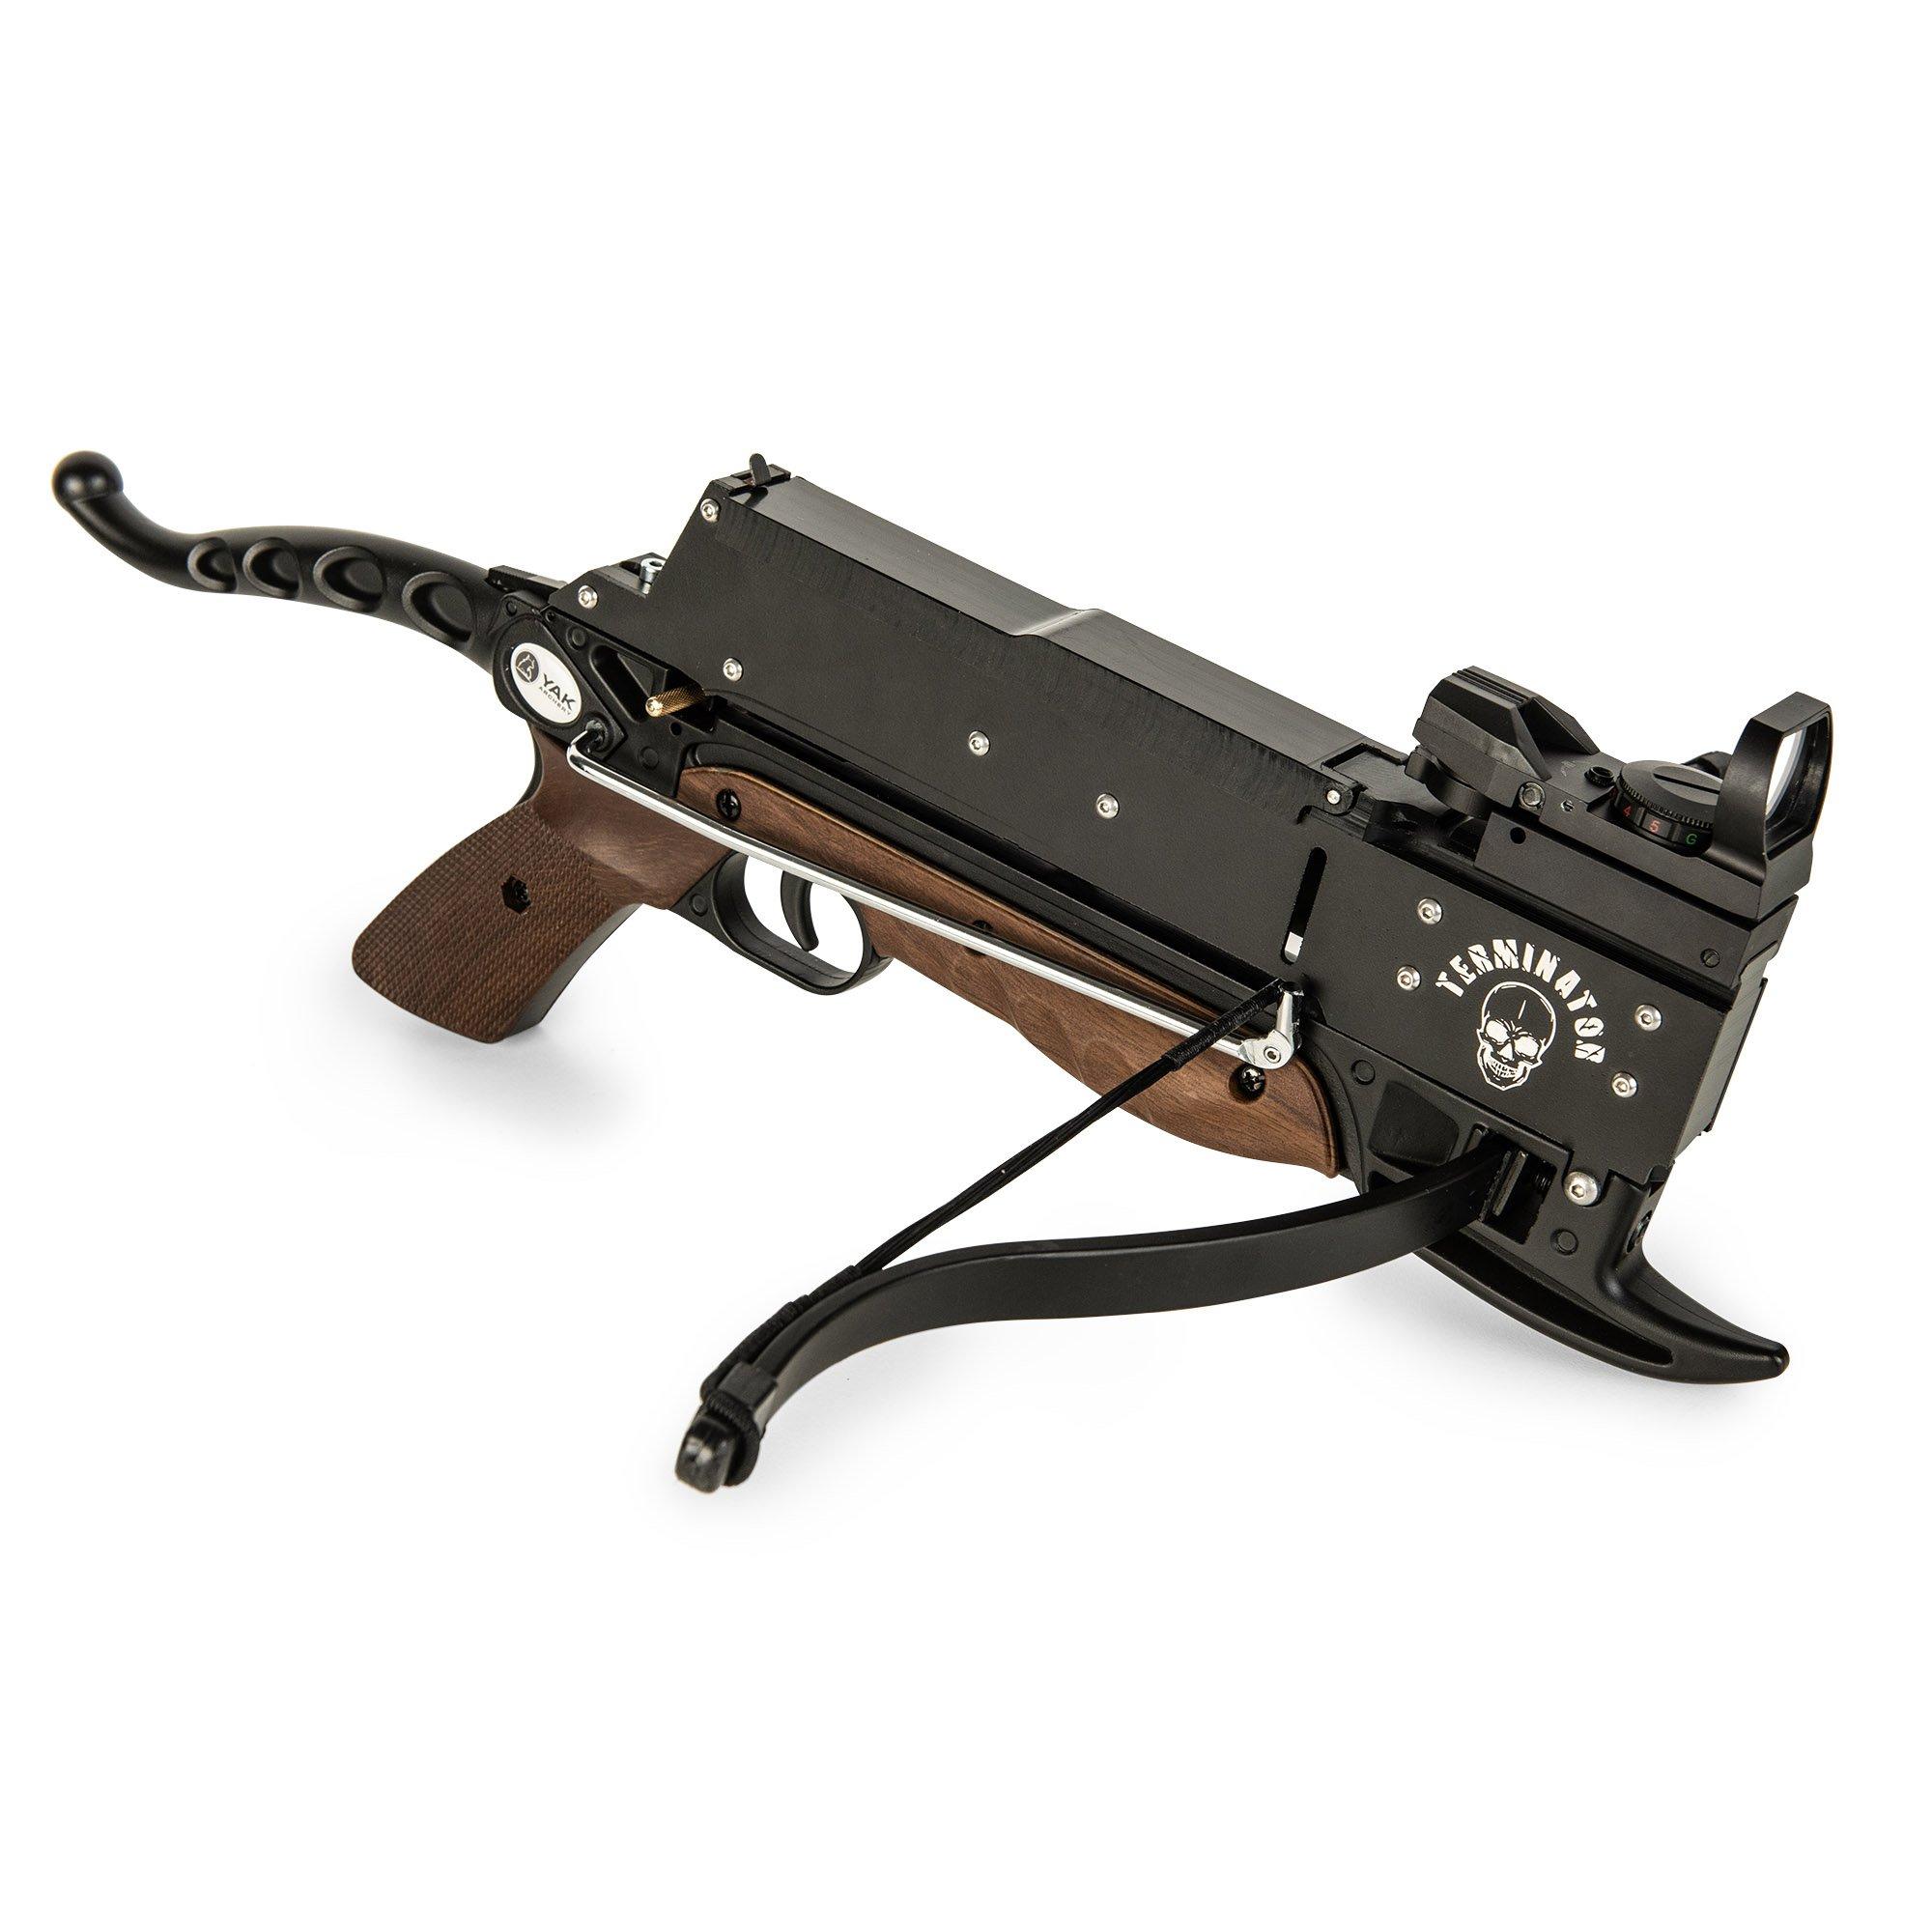 """YAK Archery Pistolenarmbrust """"Terminator"""" Holzoptik / Identitäts- und Altersprüfung durch DHL: +1,90 EUR"""